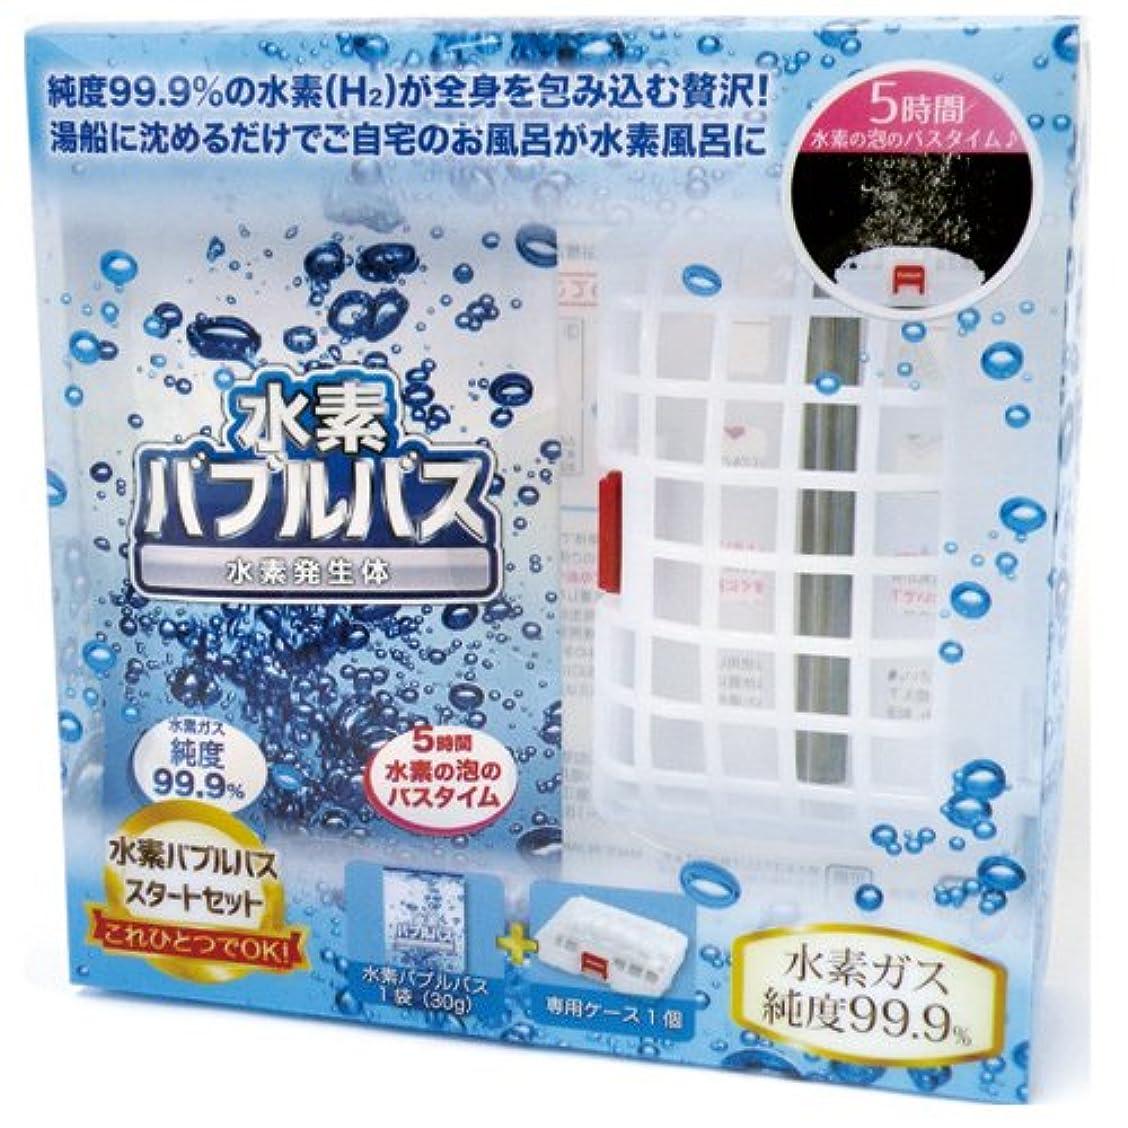 効果宴会古代朋コーポレーション 水素バブルバス スタートセット